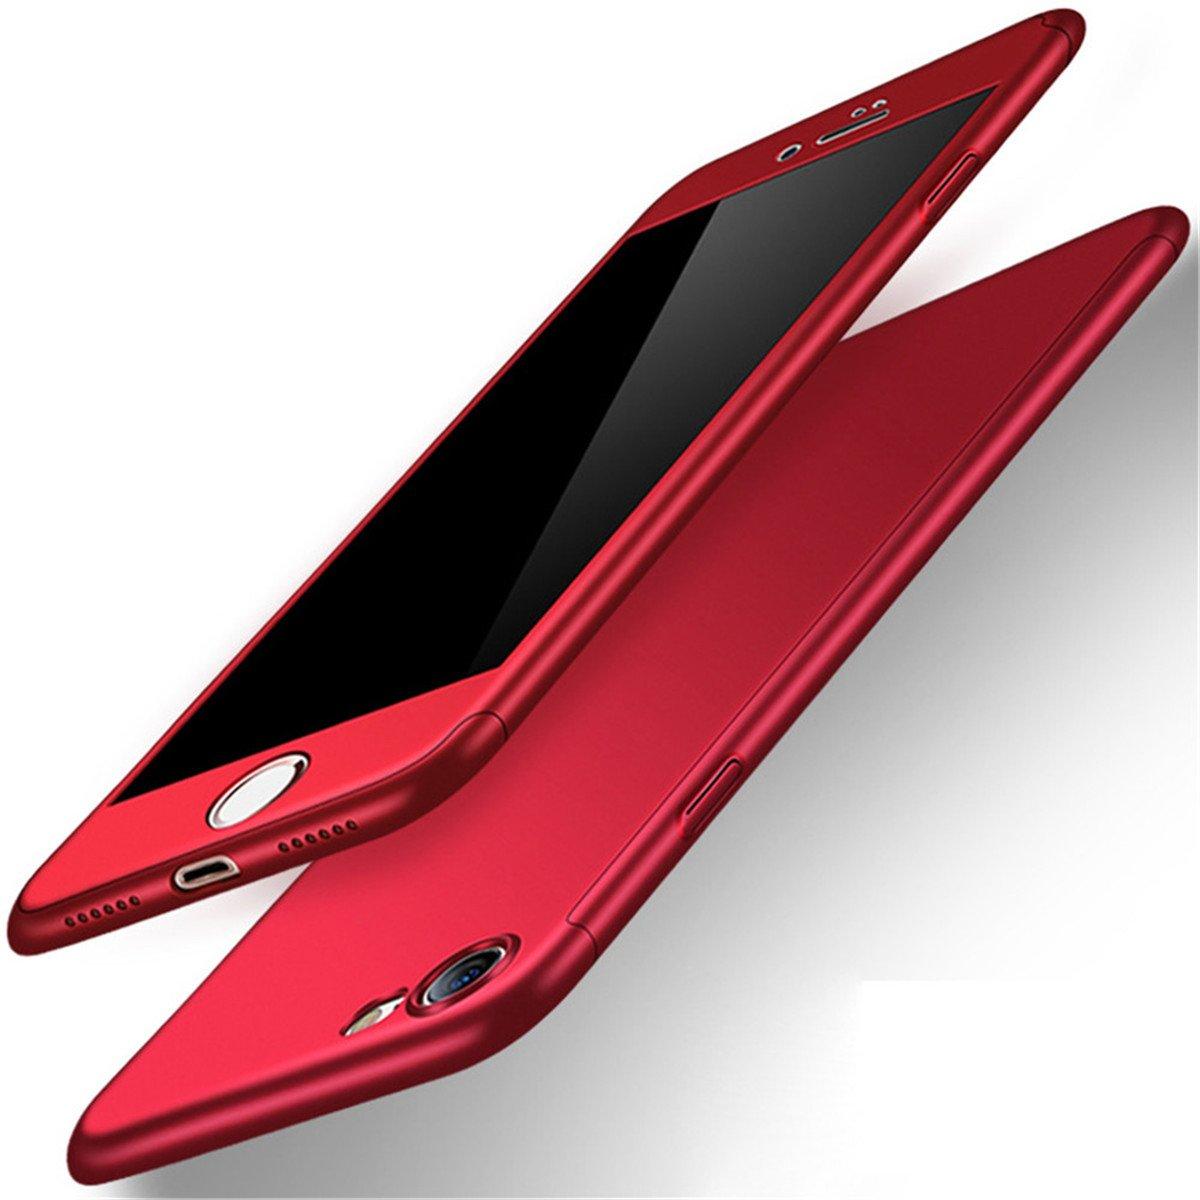 iPhone 8Coque de protection 3en 1360degrés fin Coque Adamark résistant aux chocs Coque protection intégrale Coque de protection + protection d'écran en verre trempé pour iPhone 8 Red